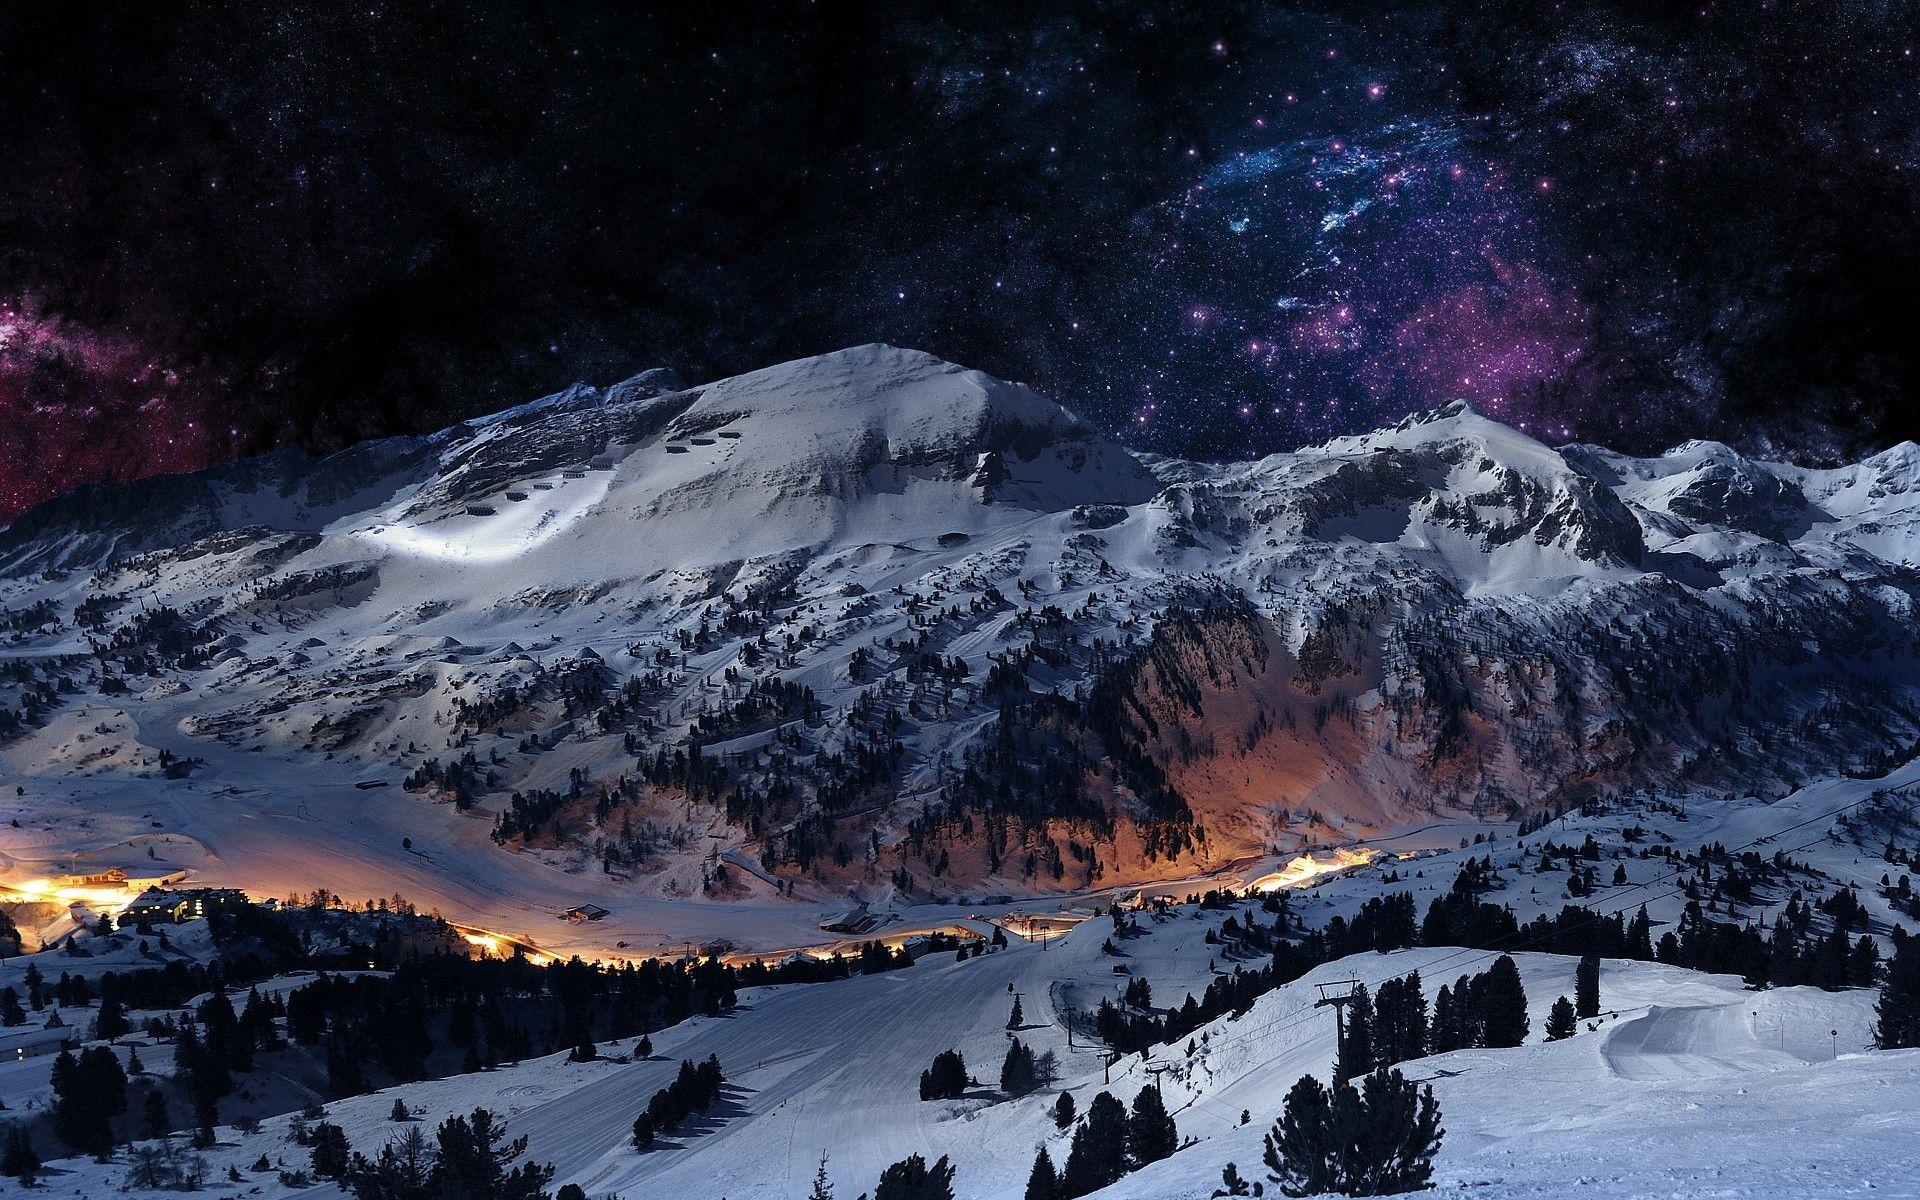 digital art landscapes mountains night sky scene winter hd